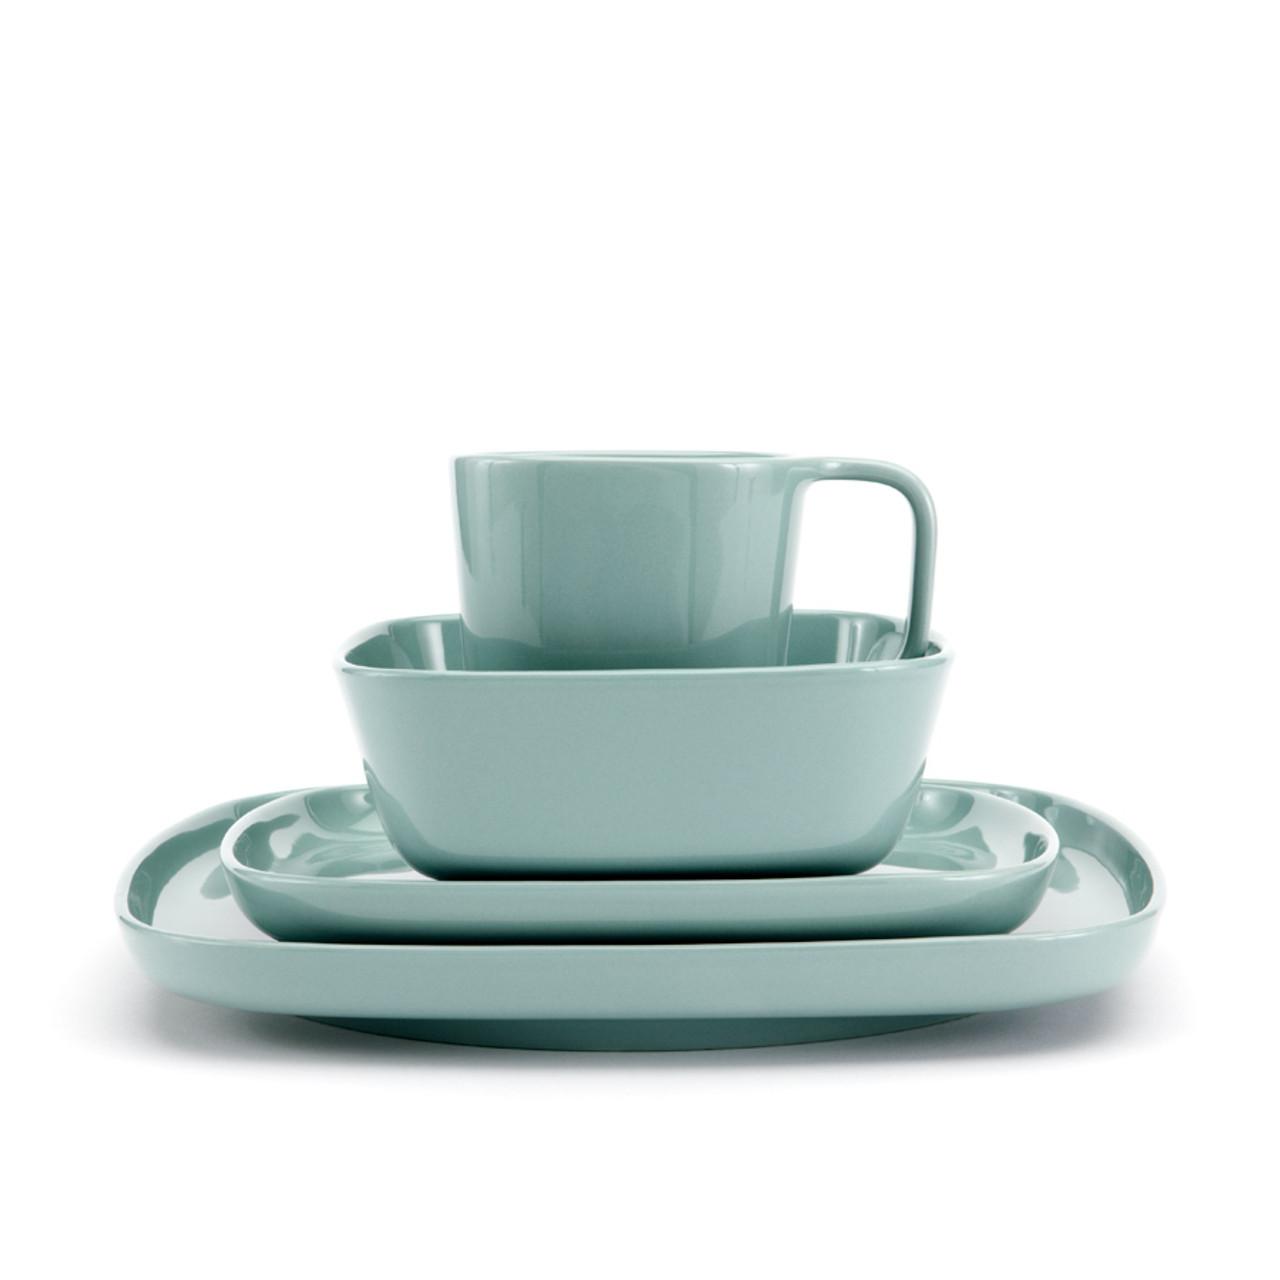 Karo - Blue Dinnerware set 16pc